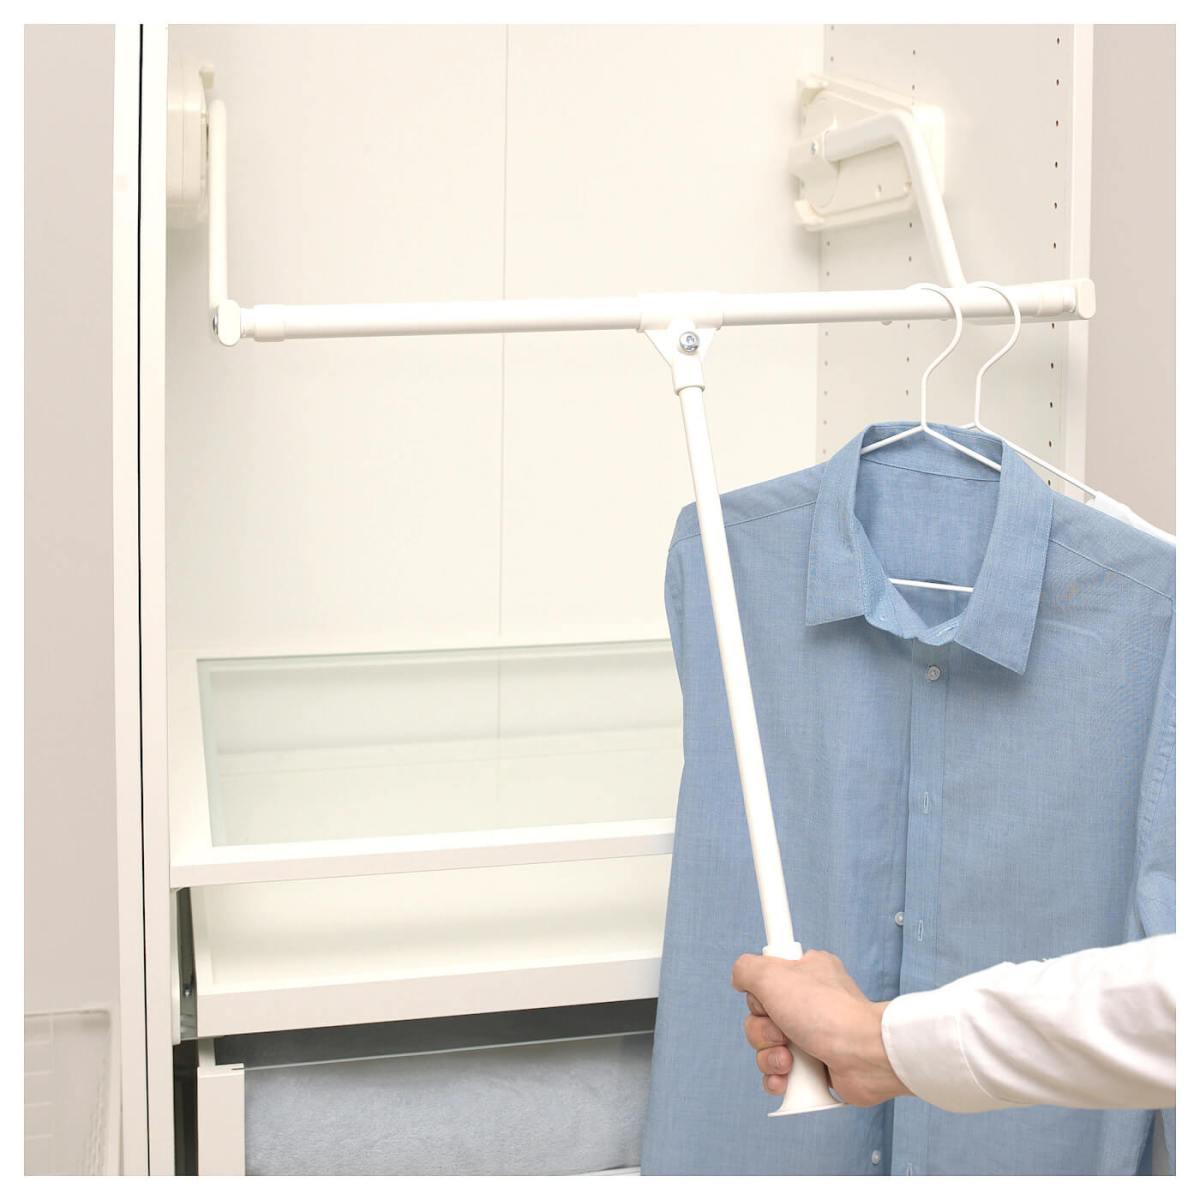 ราศีของคุณเหมาะกับแบบตู้เสื้อผ้า IKEA PAX ชุดไหนใช้เฮง เอ๊าาา นี่วิเคราะห์จริงจังนะ 30 - Bedroom